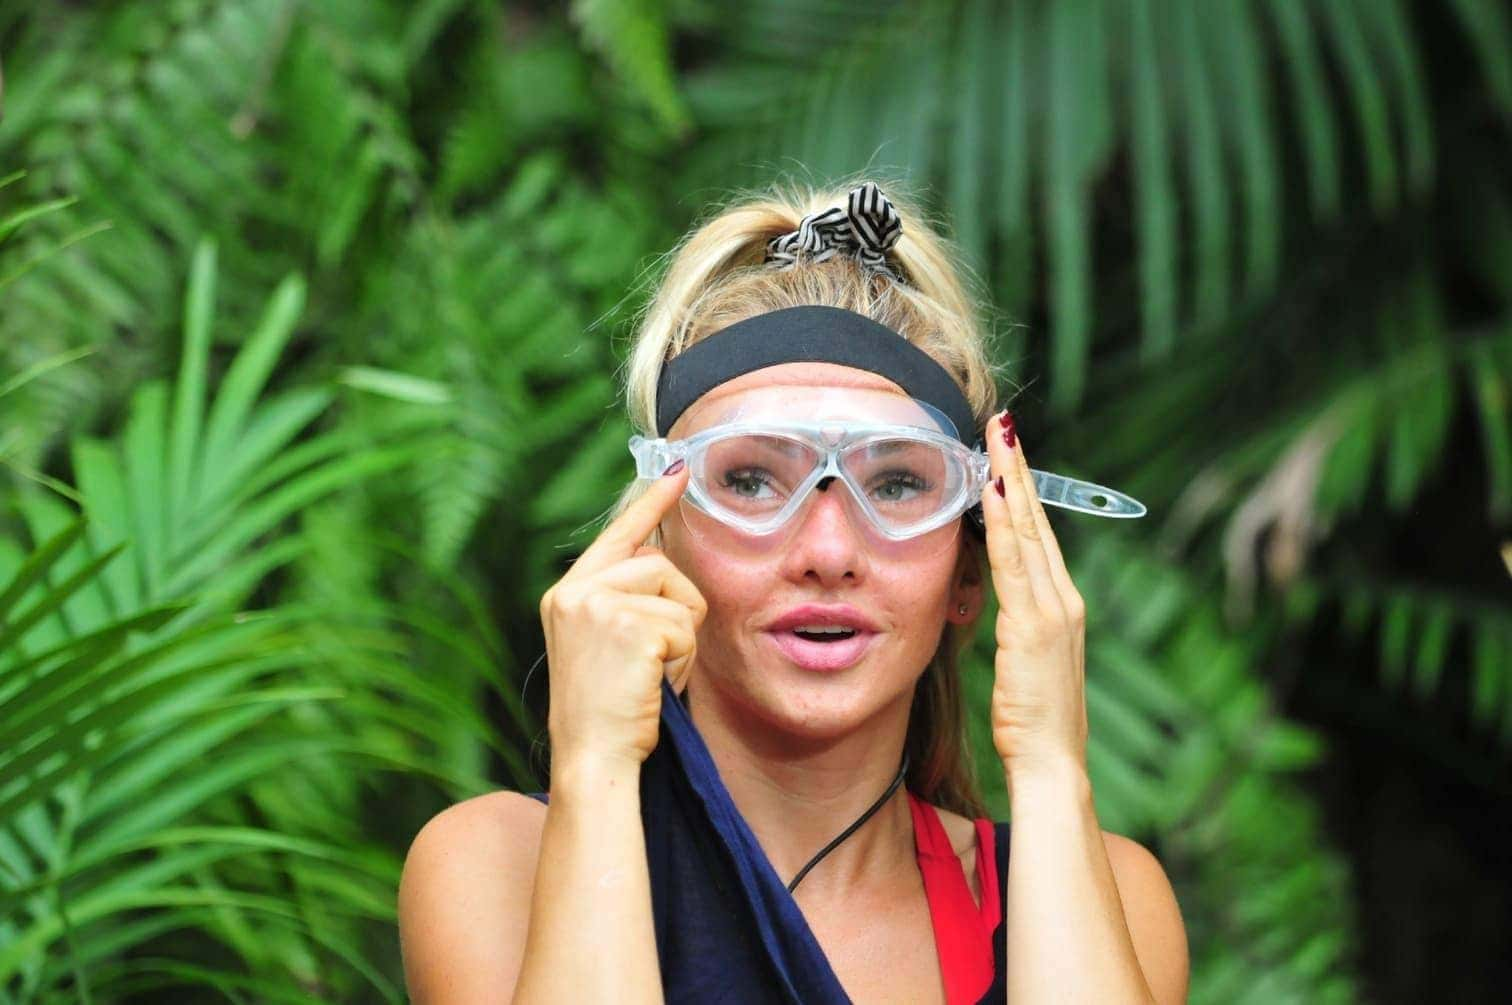 <p>Evelyn und Bastian treten gemeinsam am 13. Tag zur Dschungelprüfung an und kämpfen in zehn Minuten um sieben Sterne. Bastian wird in eine Kammer